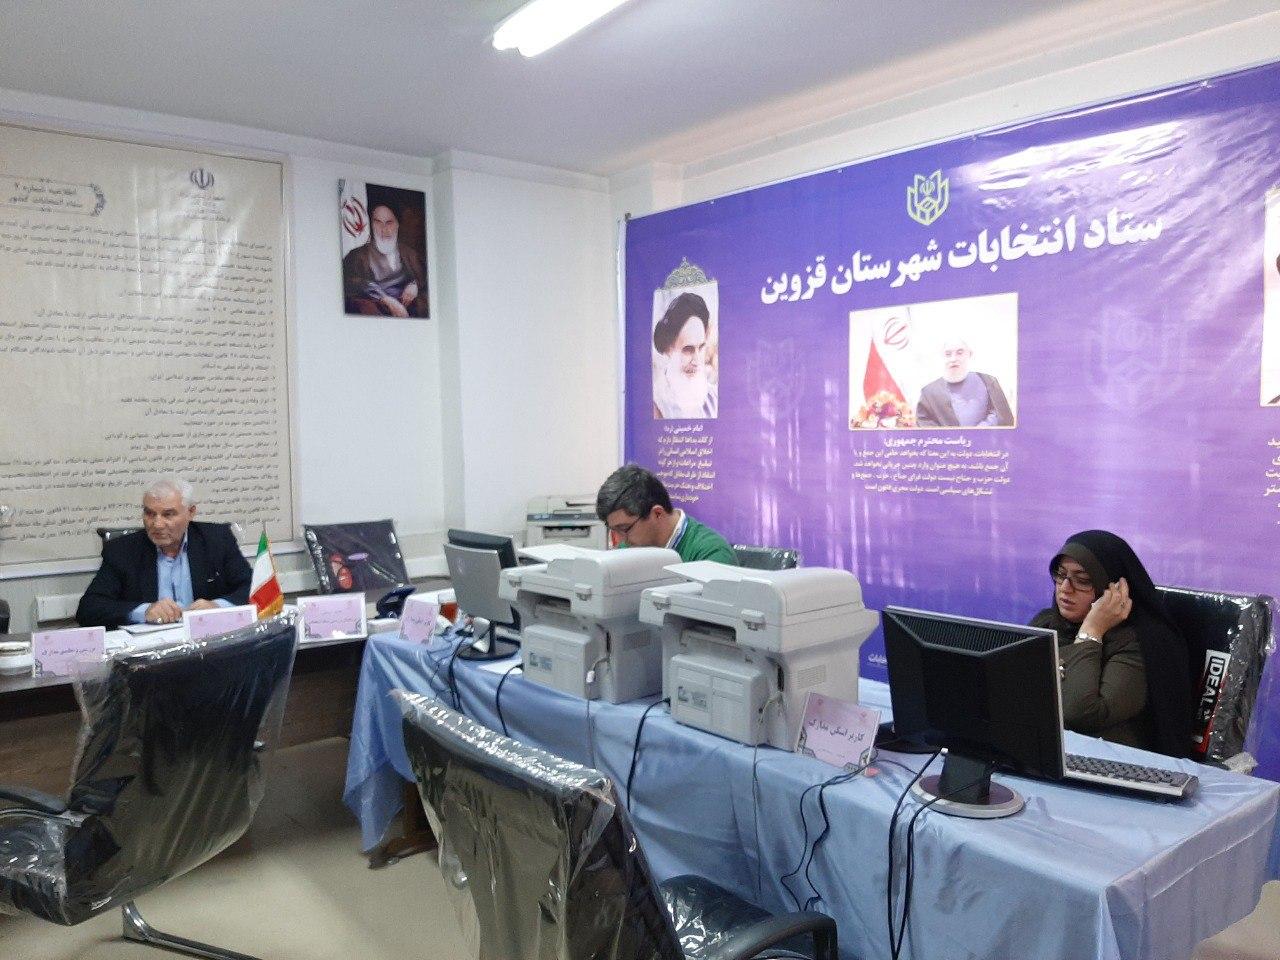 ۱۳نفر در حوزه مرکزی شهرستانهای قزوین، آبیک و البرز ثبتنام کردهاند